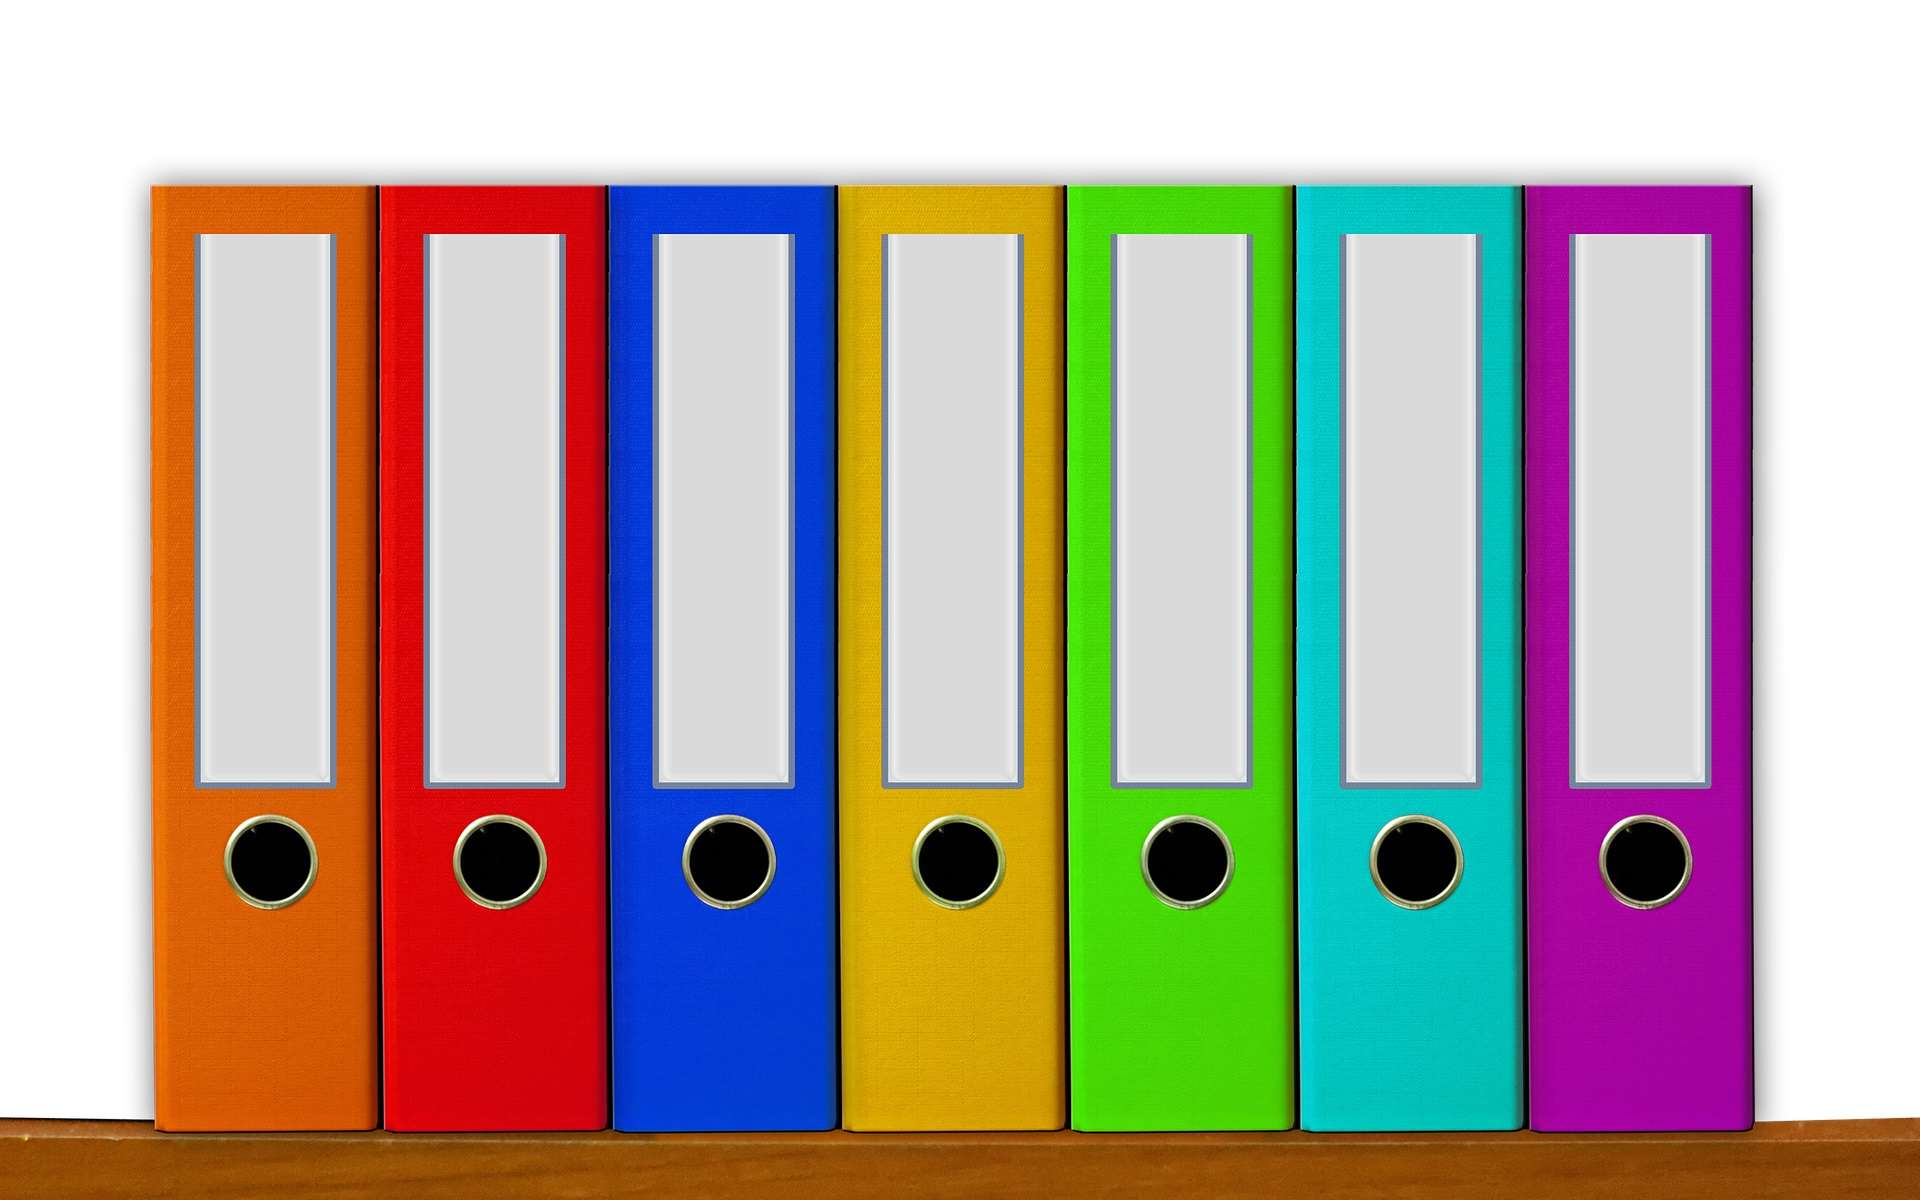 Dans une archive, on peut grouper plusieurs dossiers en un seul fichier compressé. © Pixabay.com